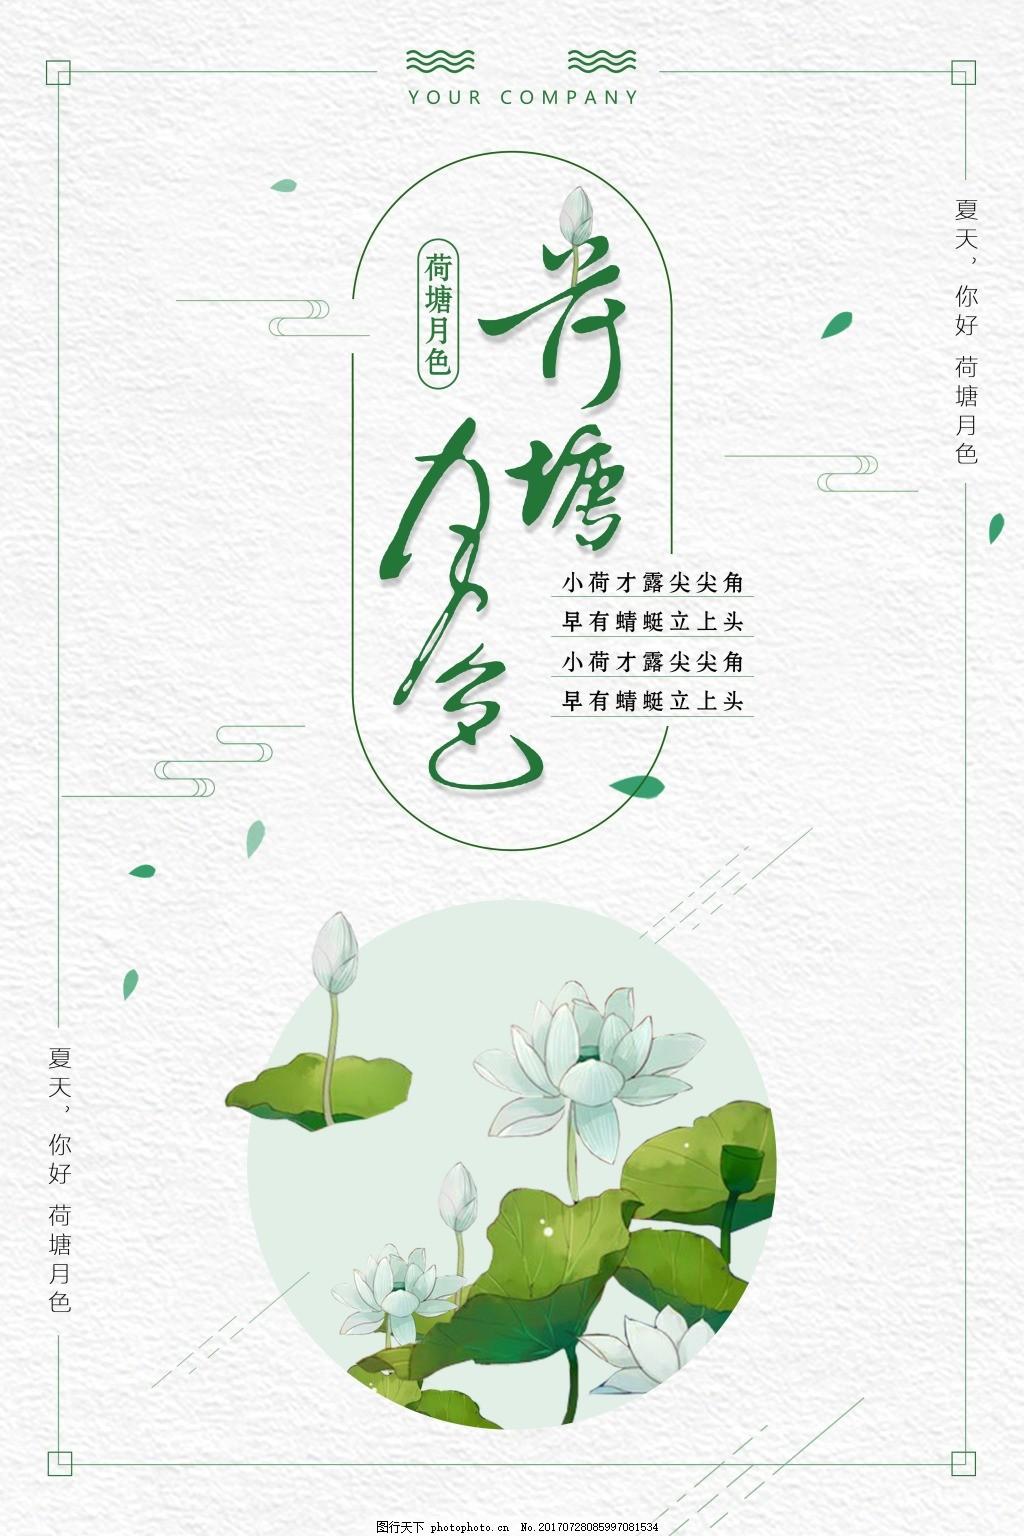 清新简约中国风荷塘月色文化海报 水墨 荷花 荷叶 手绘 荷花插画